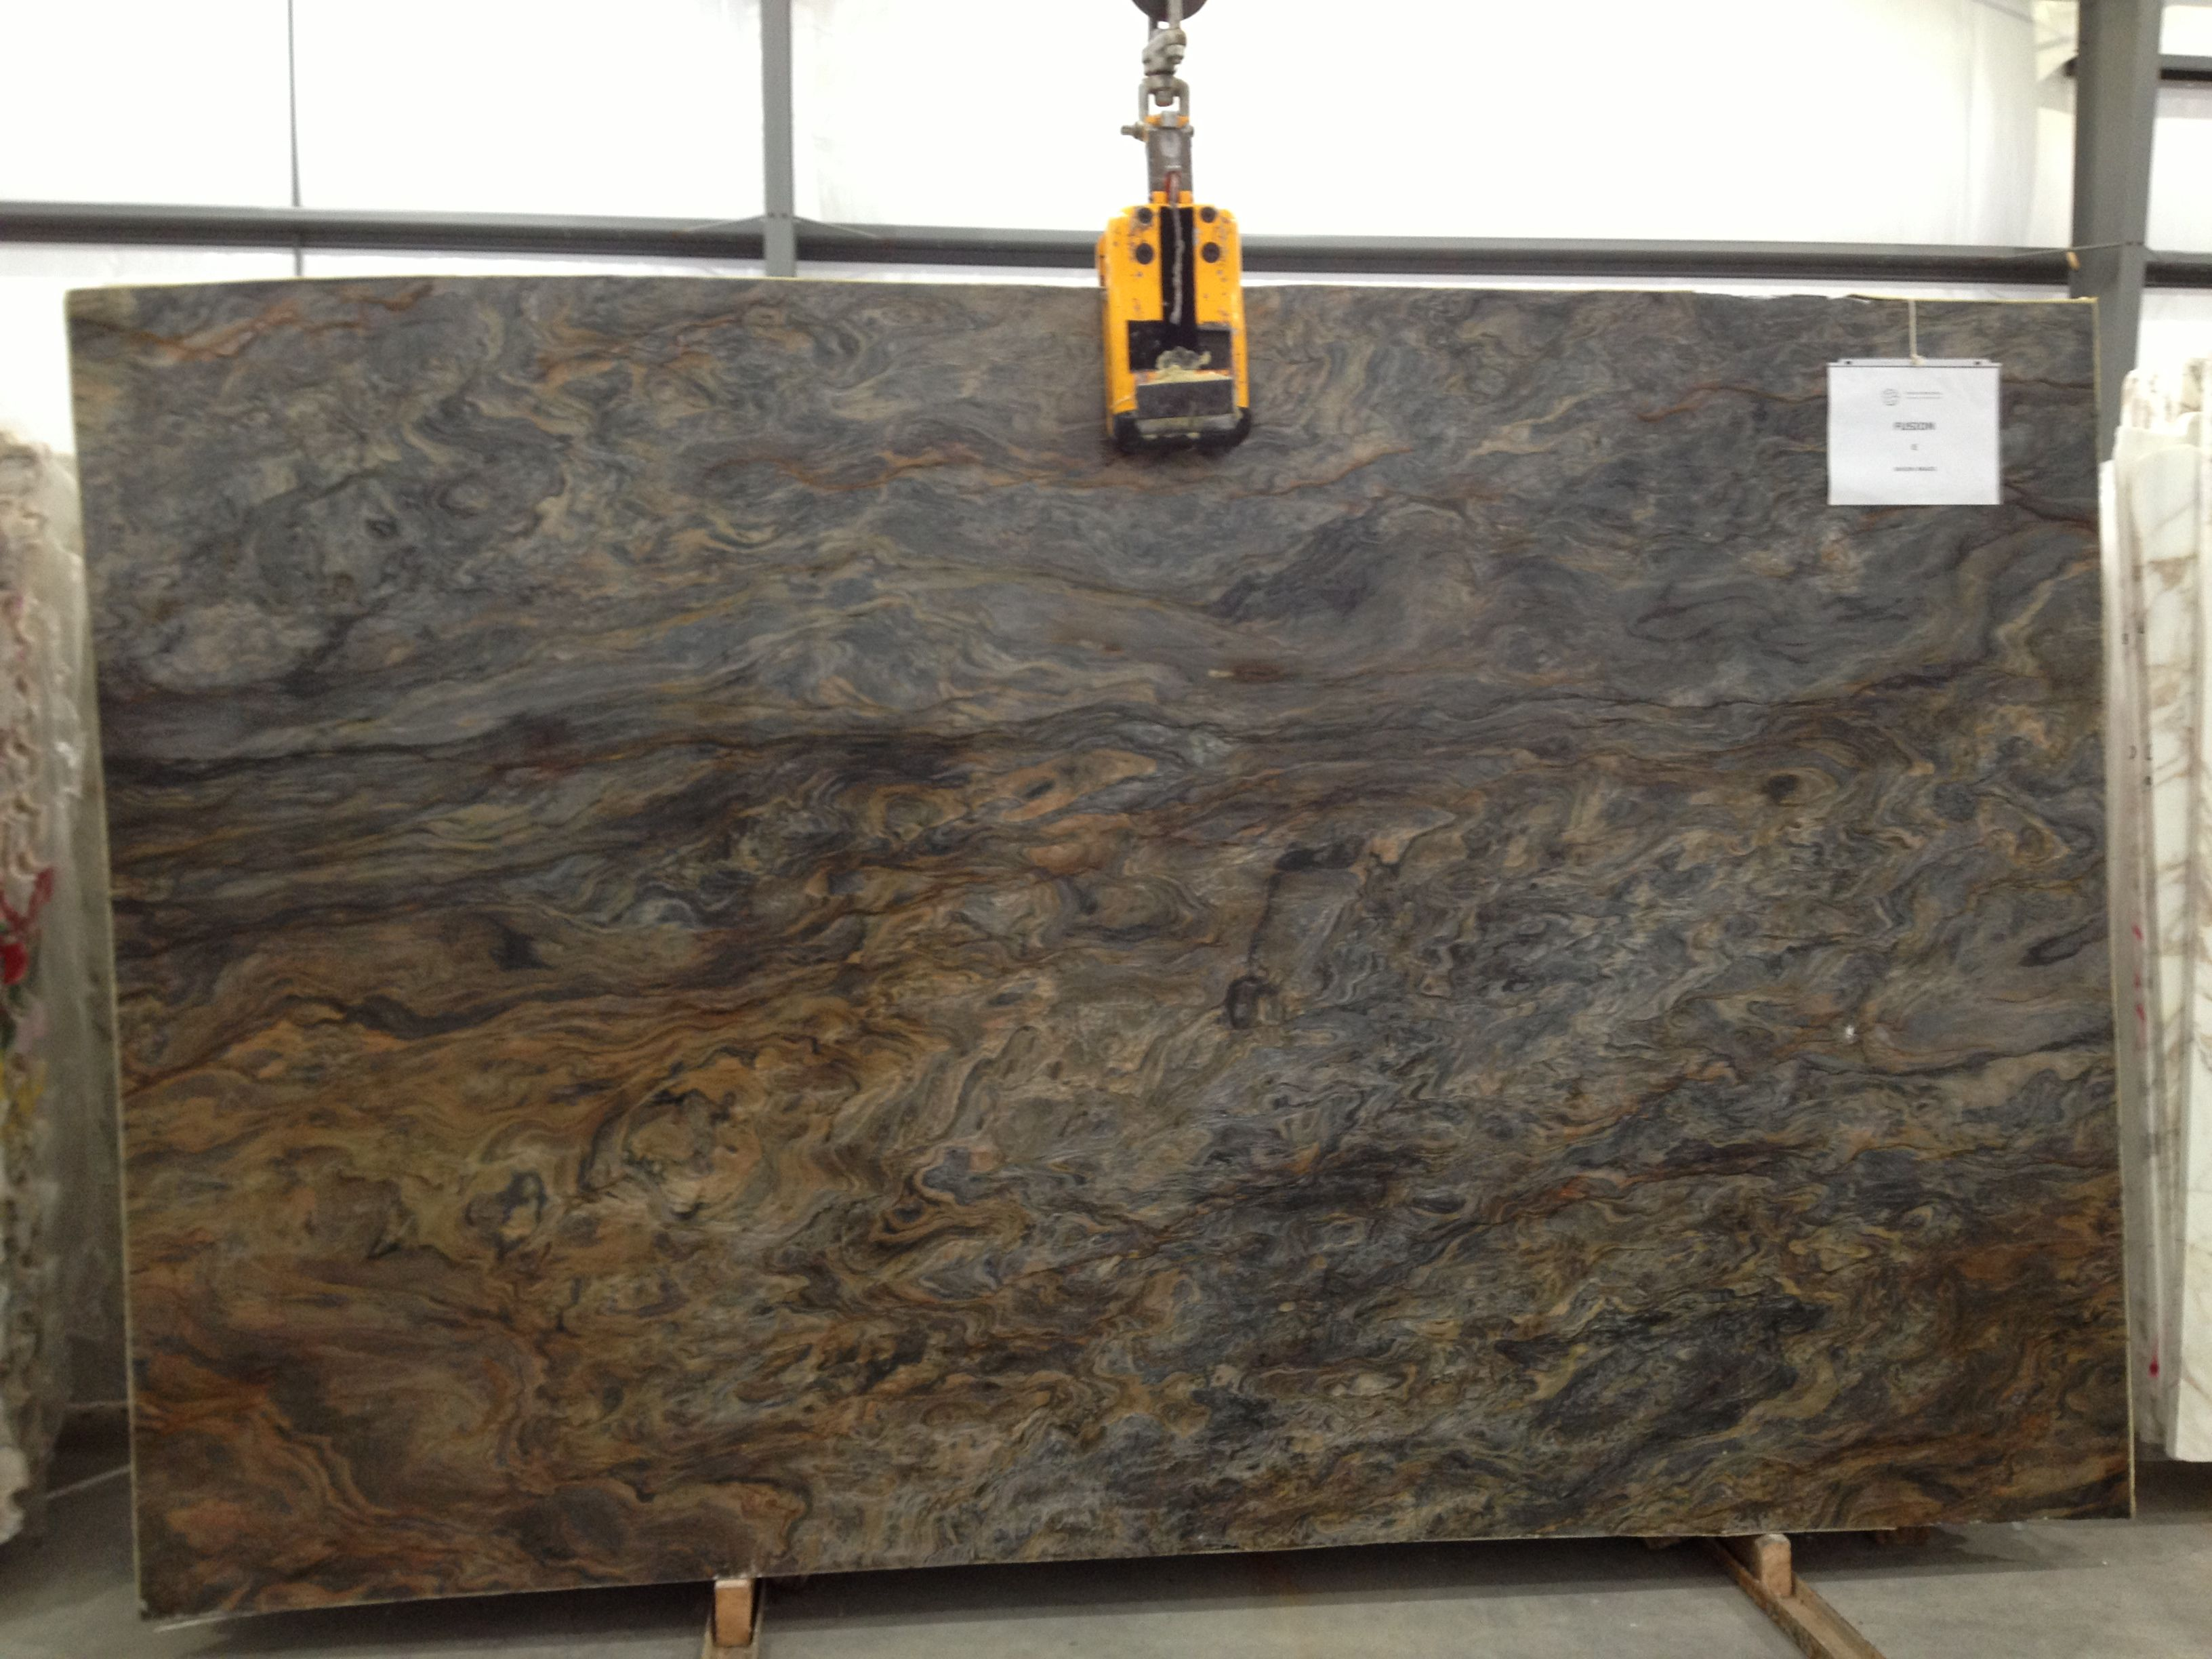 Lapidus premium product search marva marble and granite - Lapidus Premium Product Search Marva Marble And Granite 9